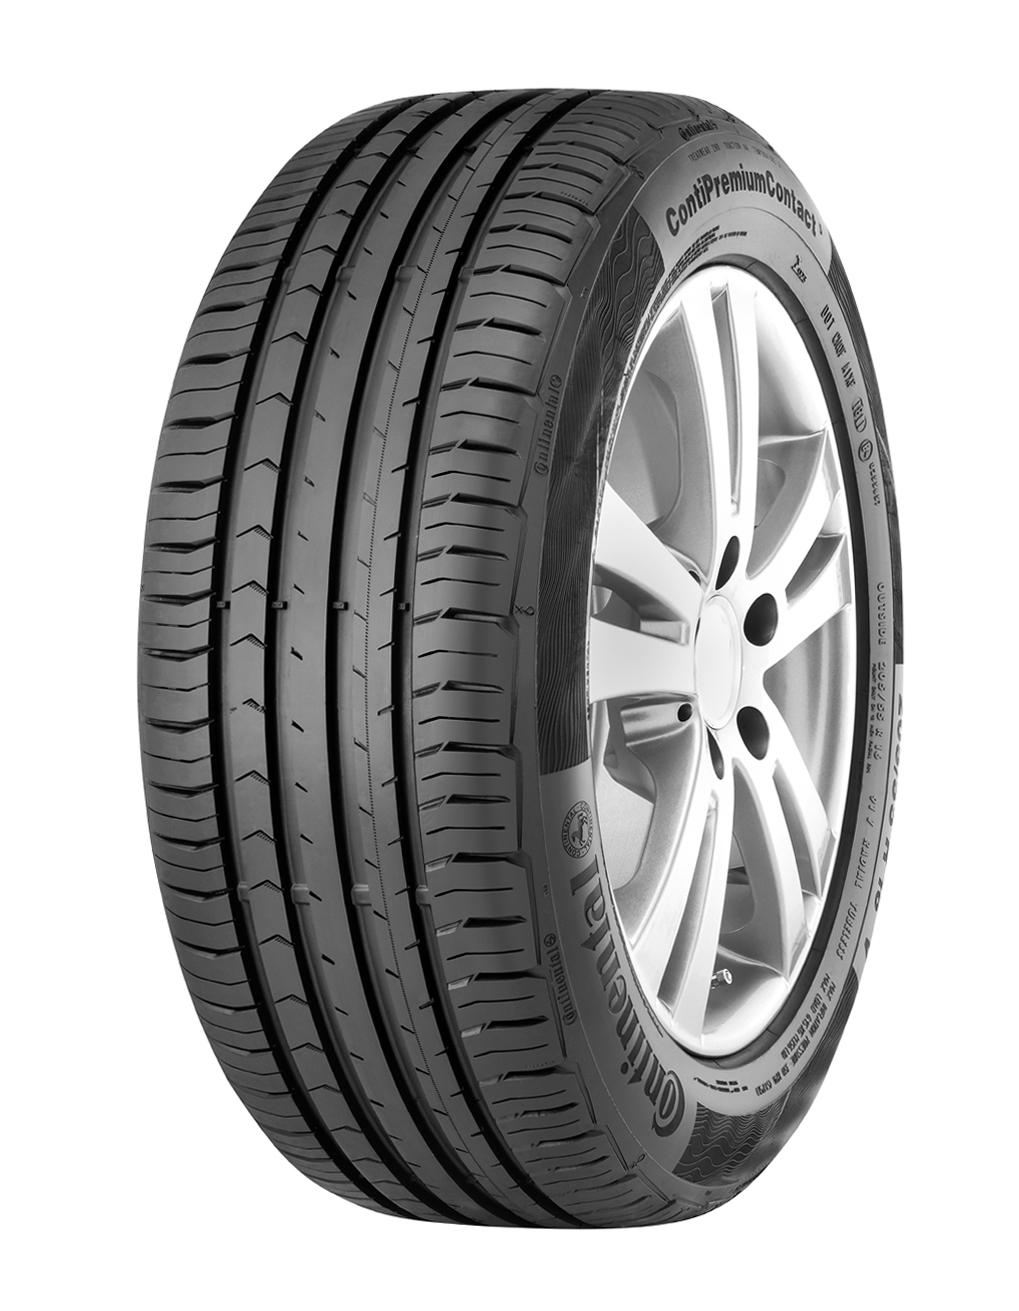 Купить в спб зимнюю резину r14 купить шины 185/60 r15 летние